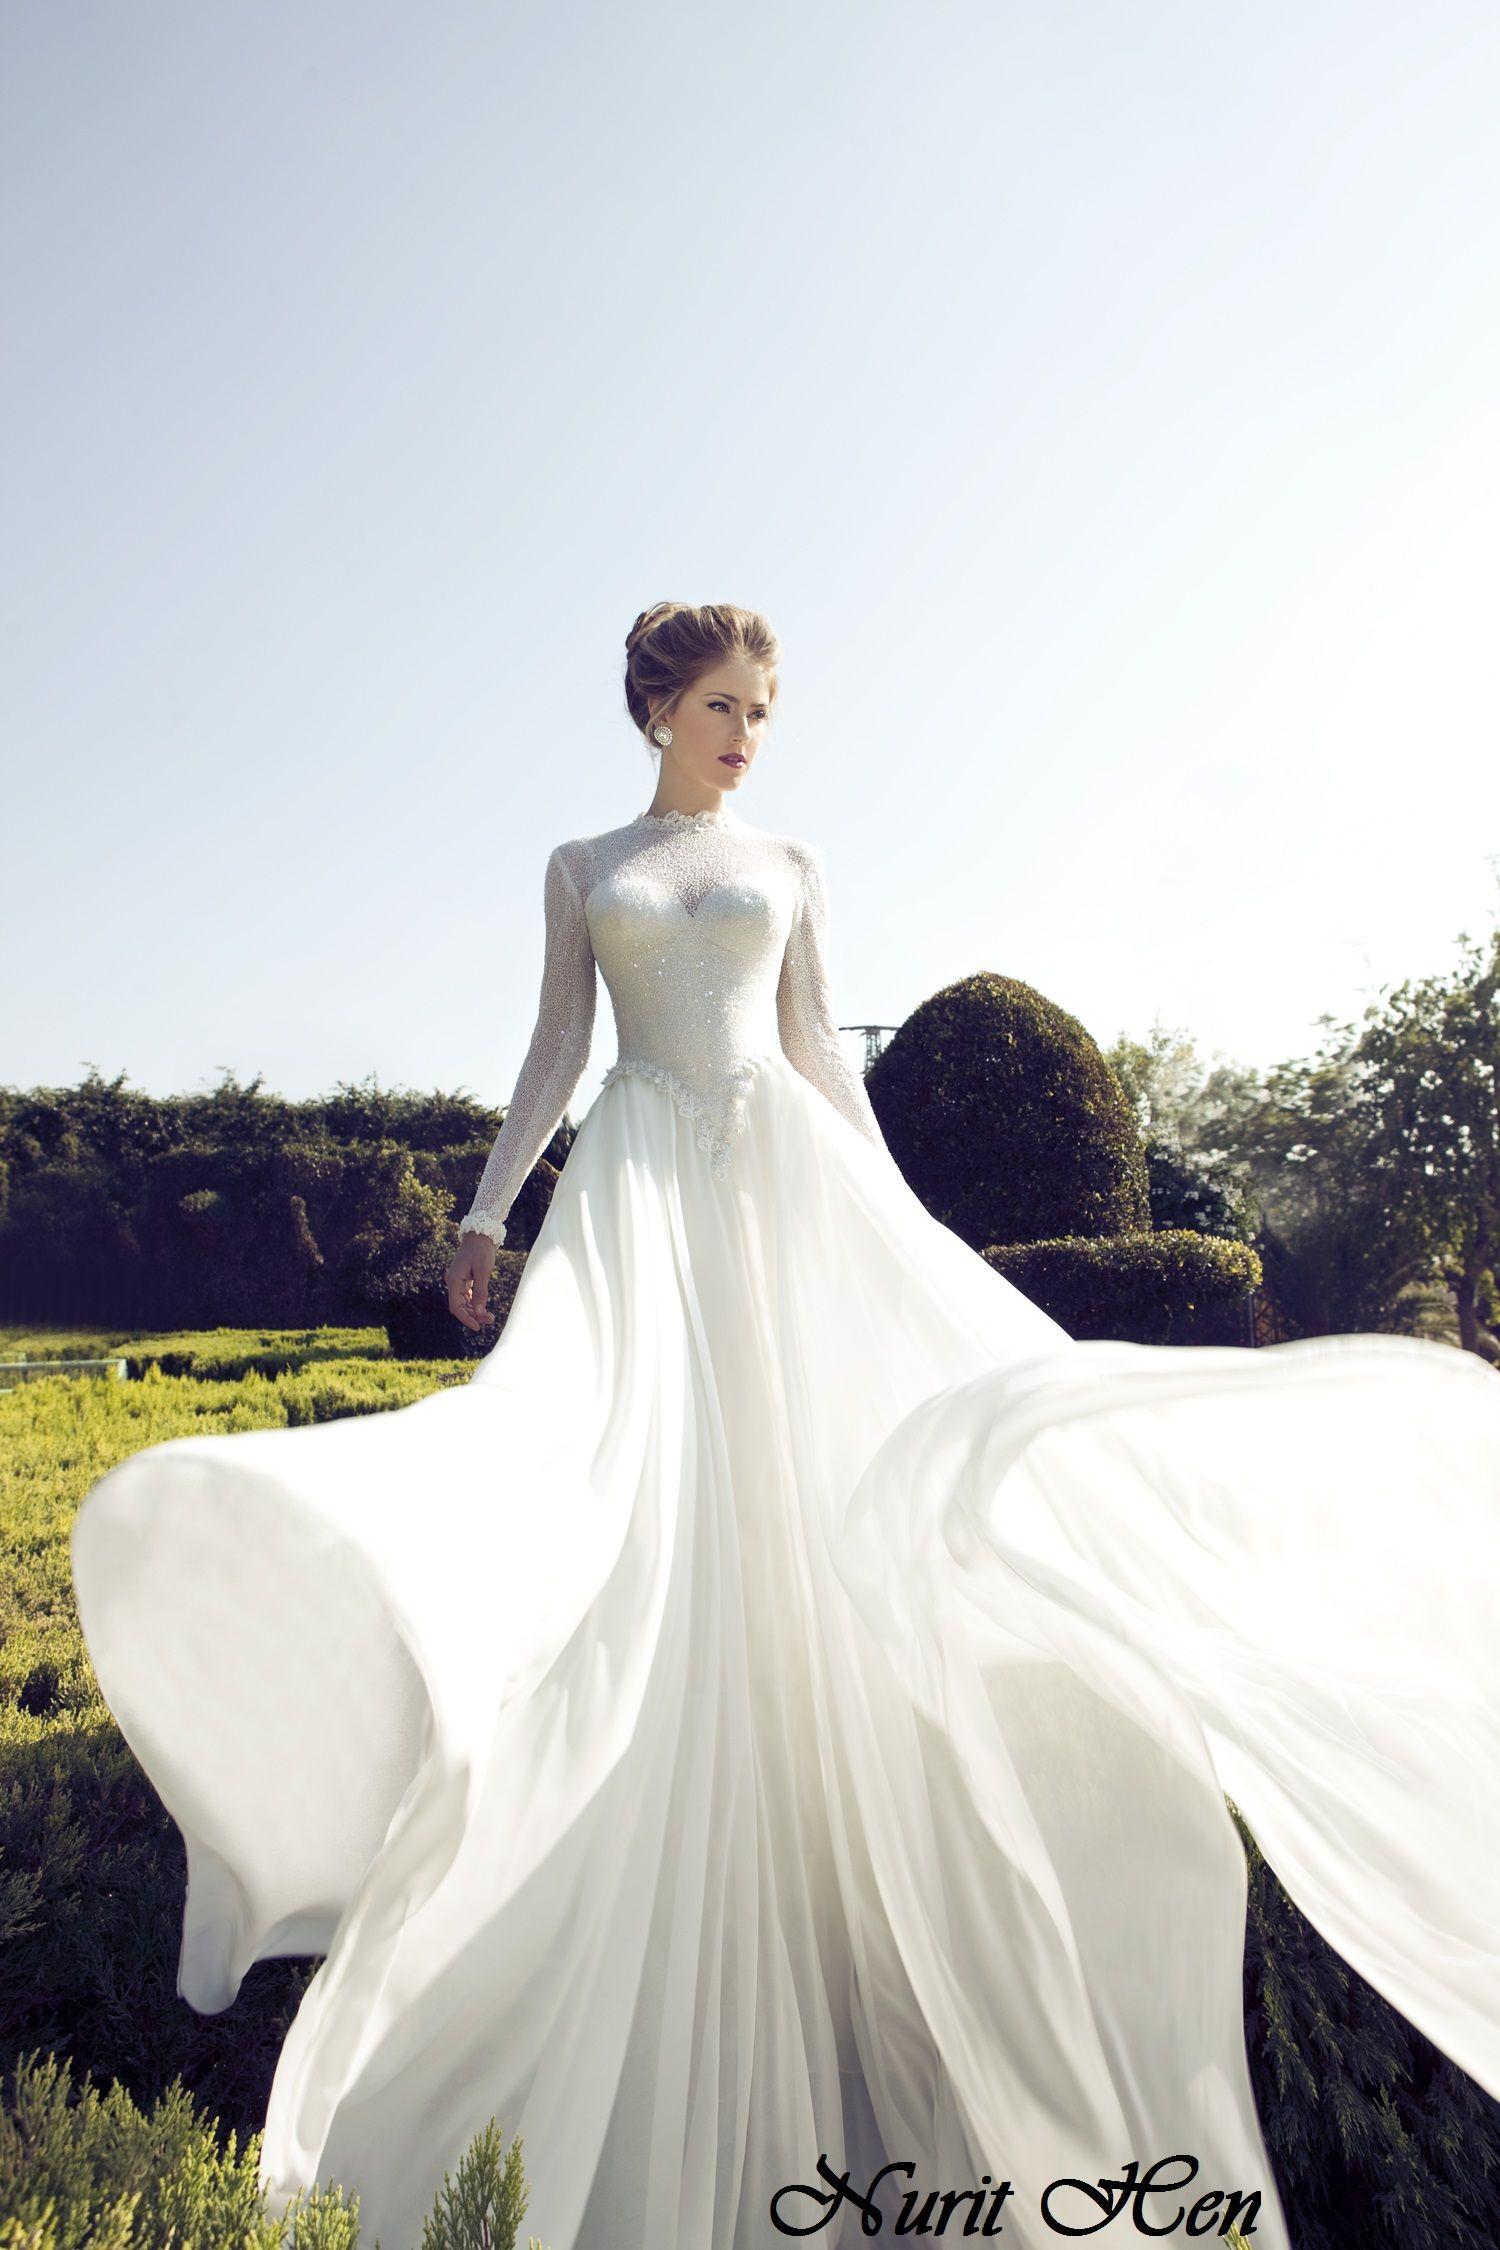 Nurit hen wedding gown rithen eladnurithen